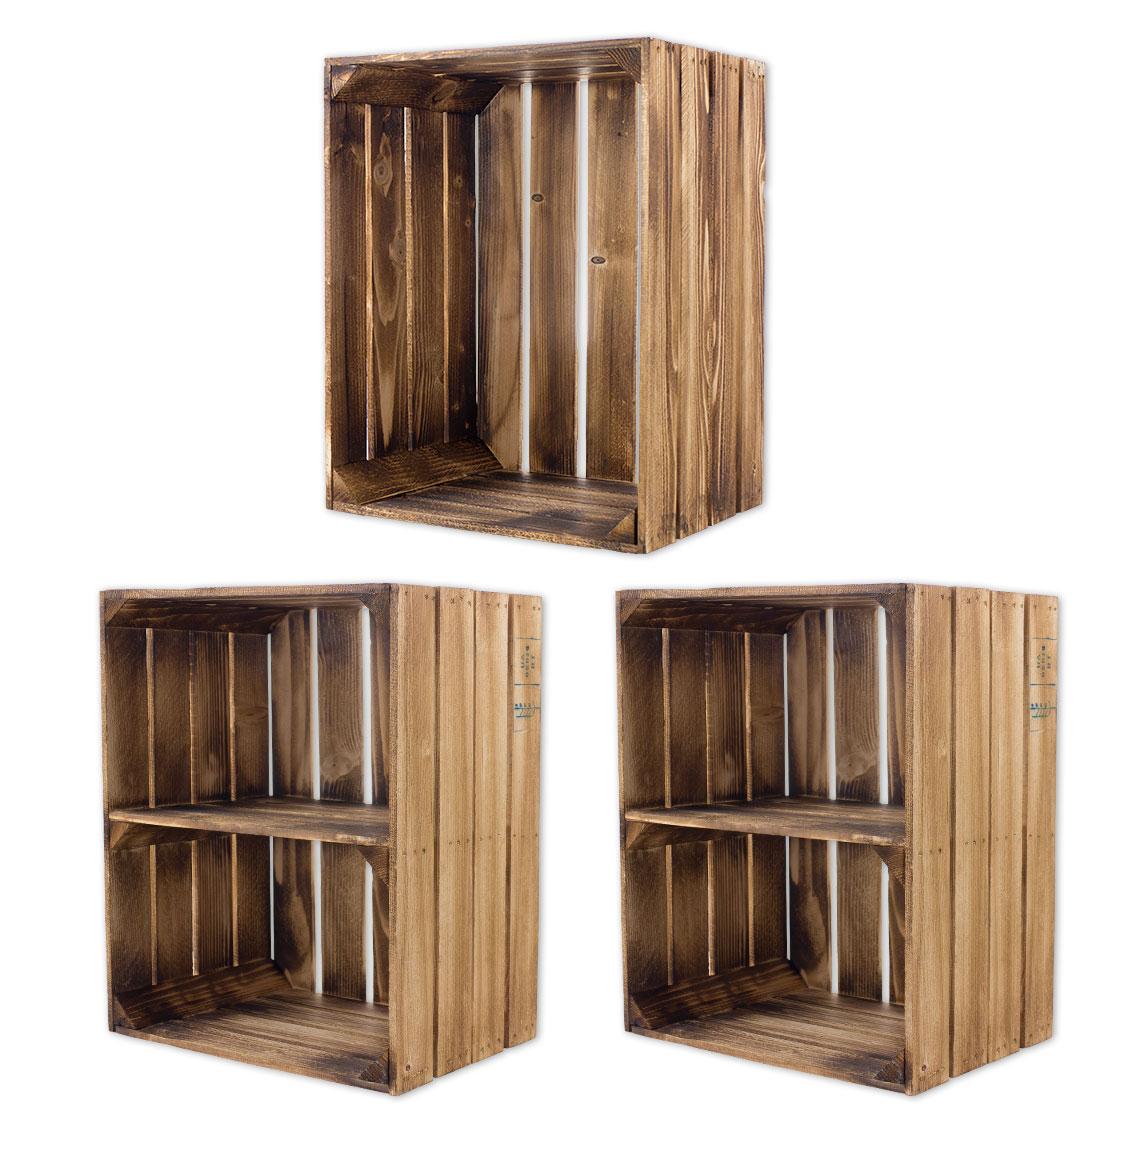 Gemisches Set aus geflammten Holzkisten 50x40x30cm